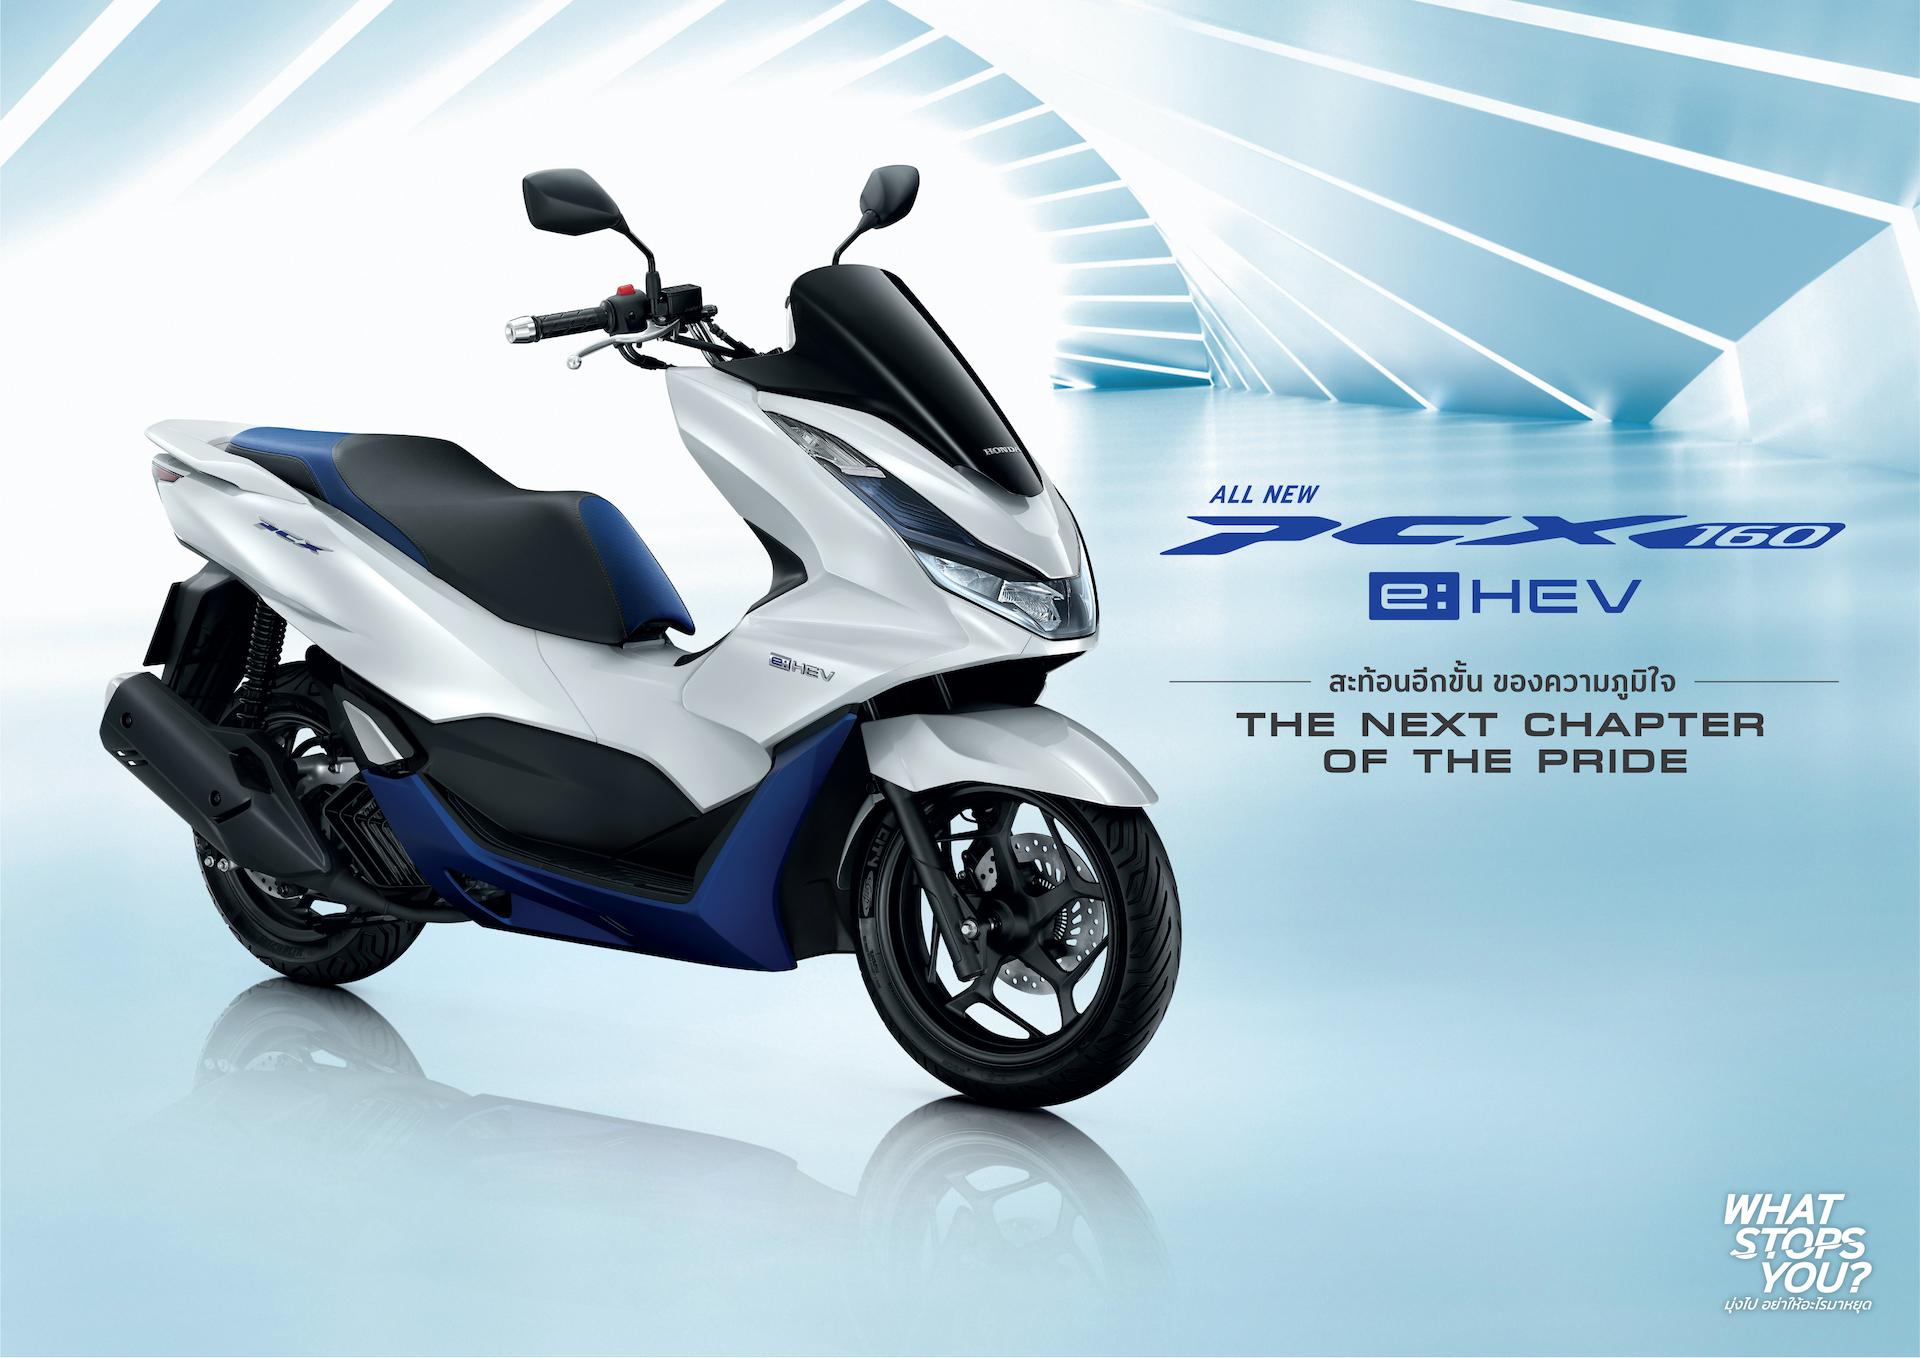 ฮอนด้าเปิดตัว All New Honda PCX160 และ All New Honda Wave110i บุกตลาดปี 2564